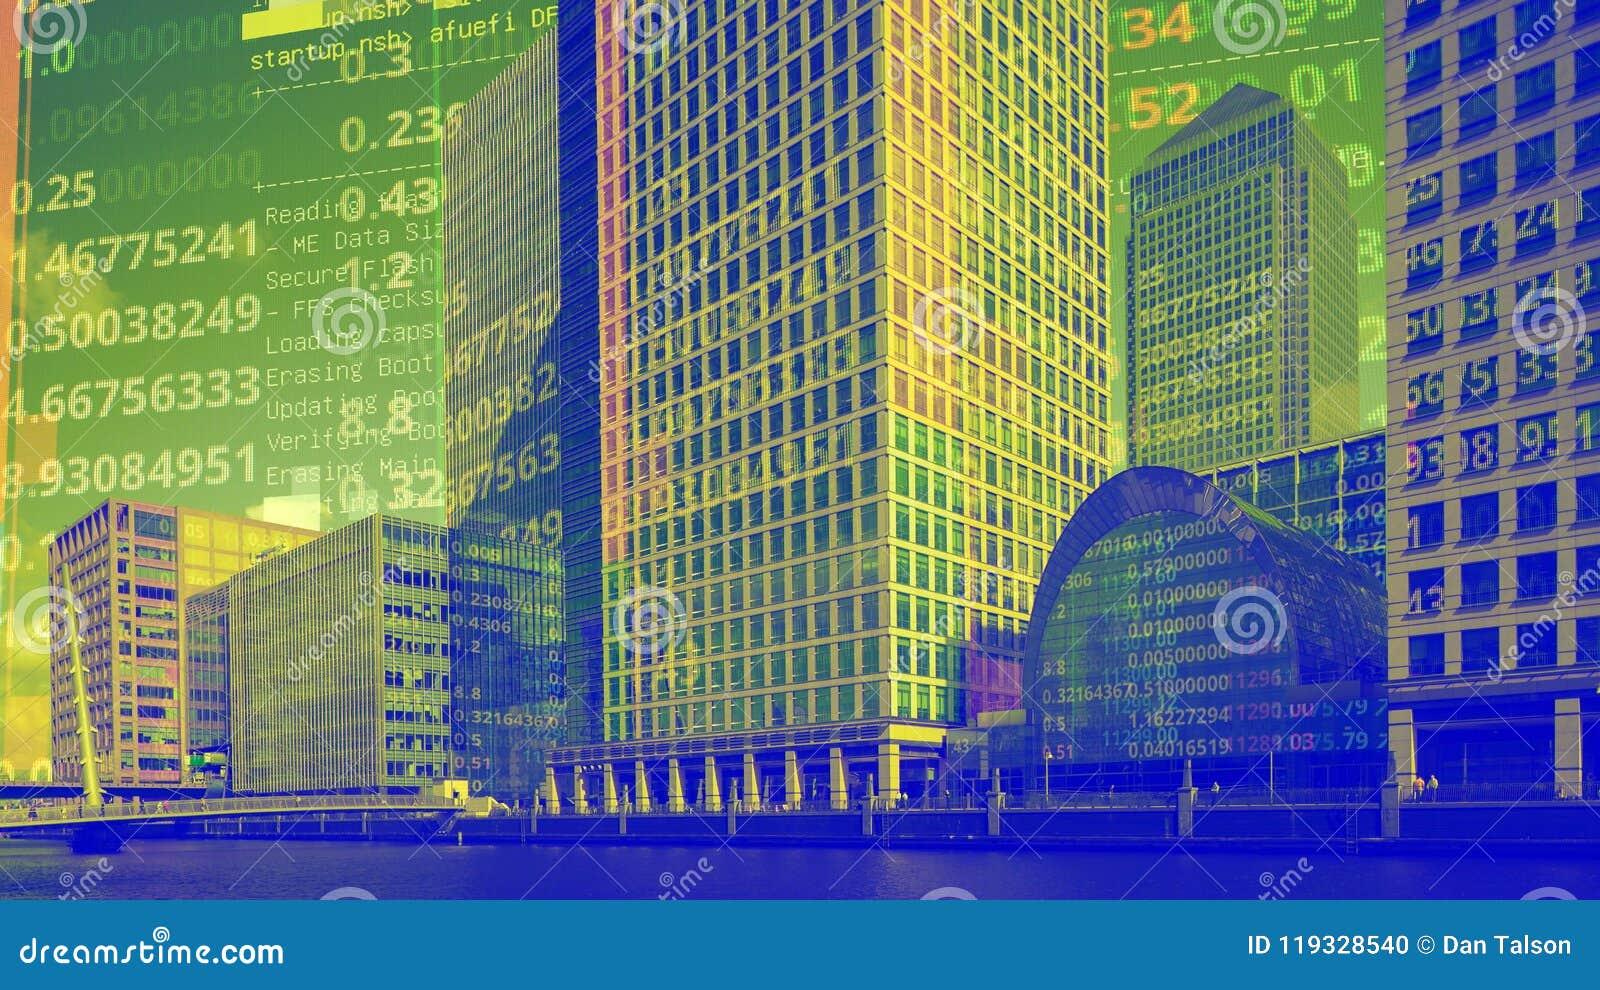 Skyline das zonas das docas de Londres com dados e código